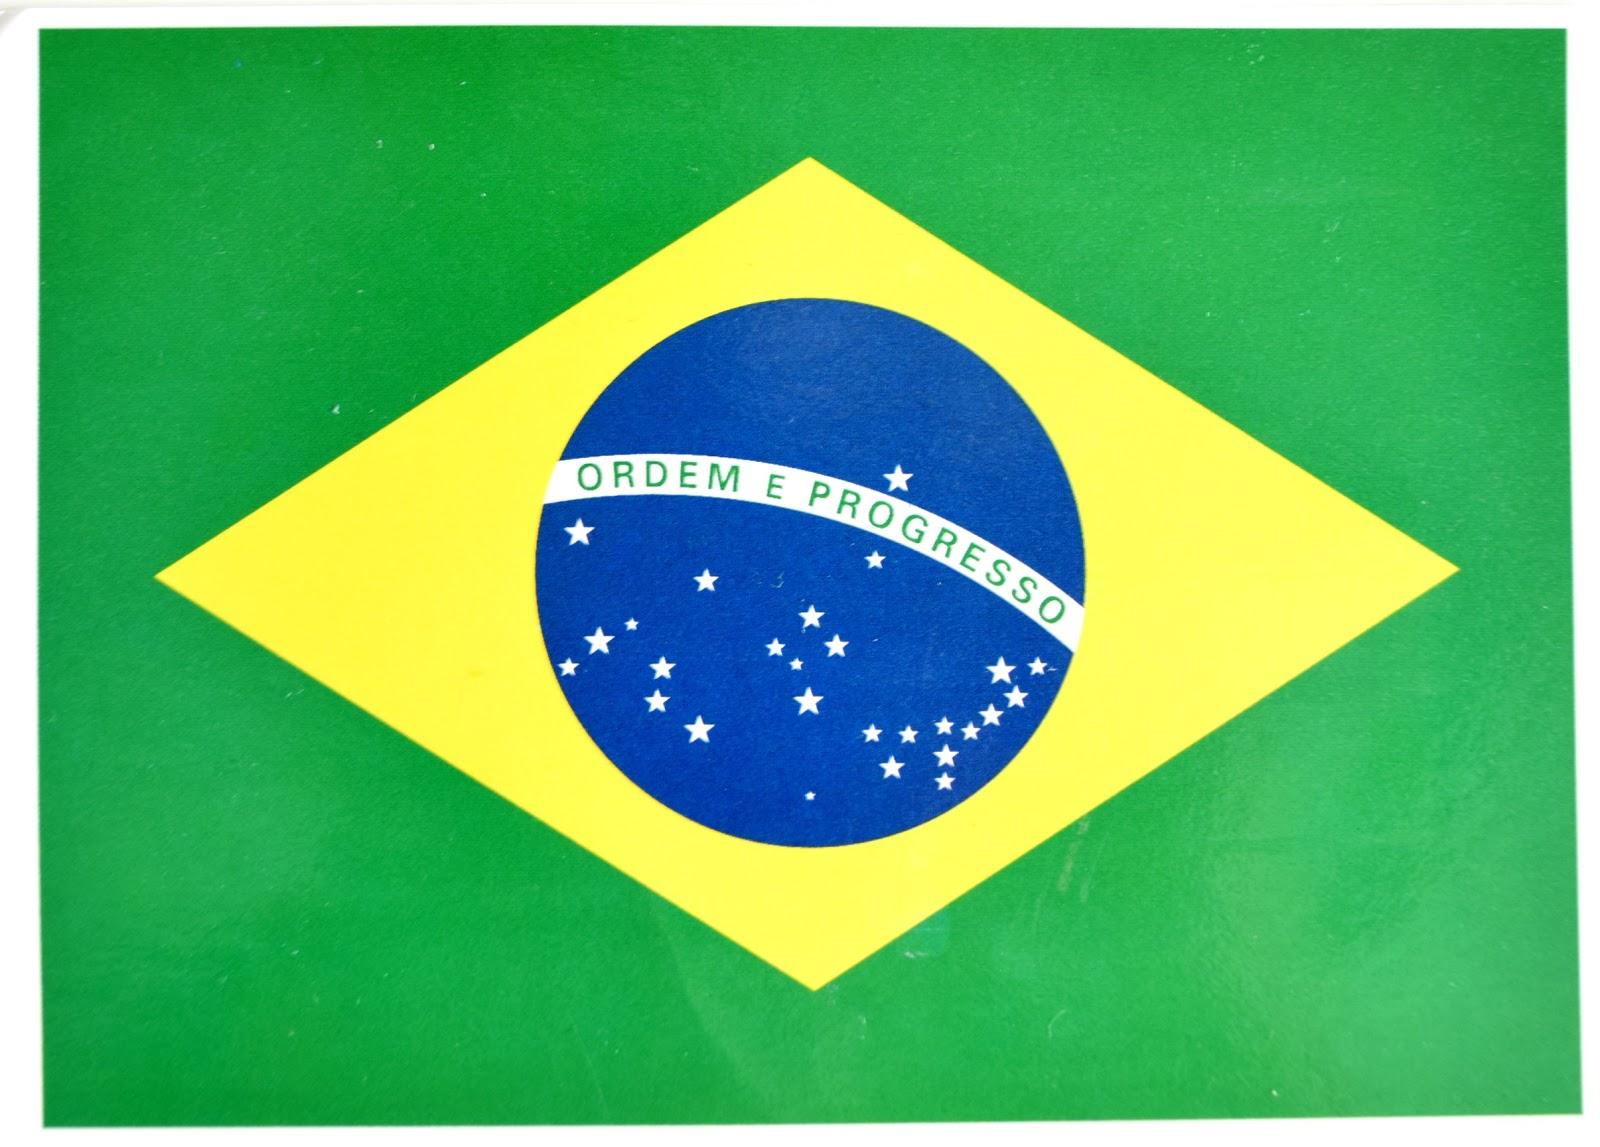 Brazylia, flaga narodowa